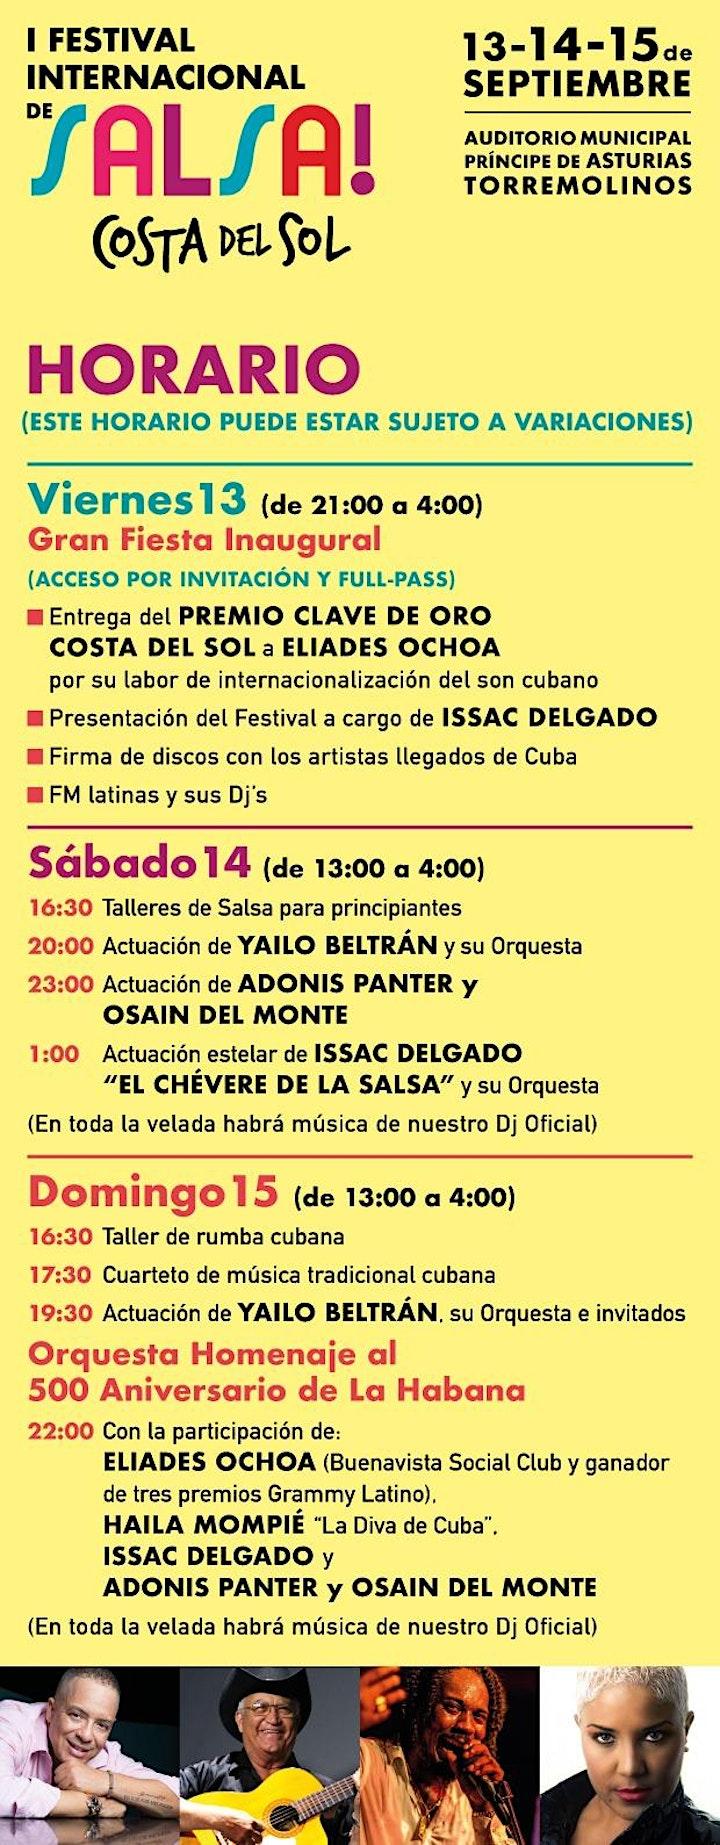 Imagen de Festival Internacional de Salsa Costa del Sol / Torremolinos